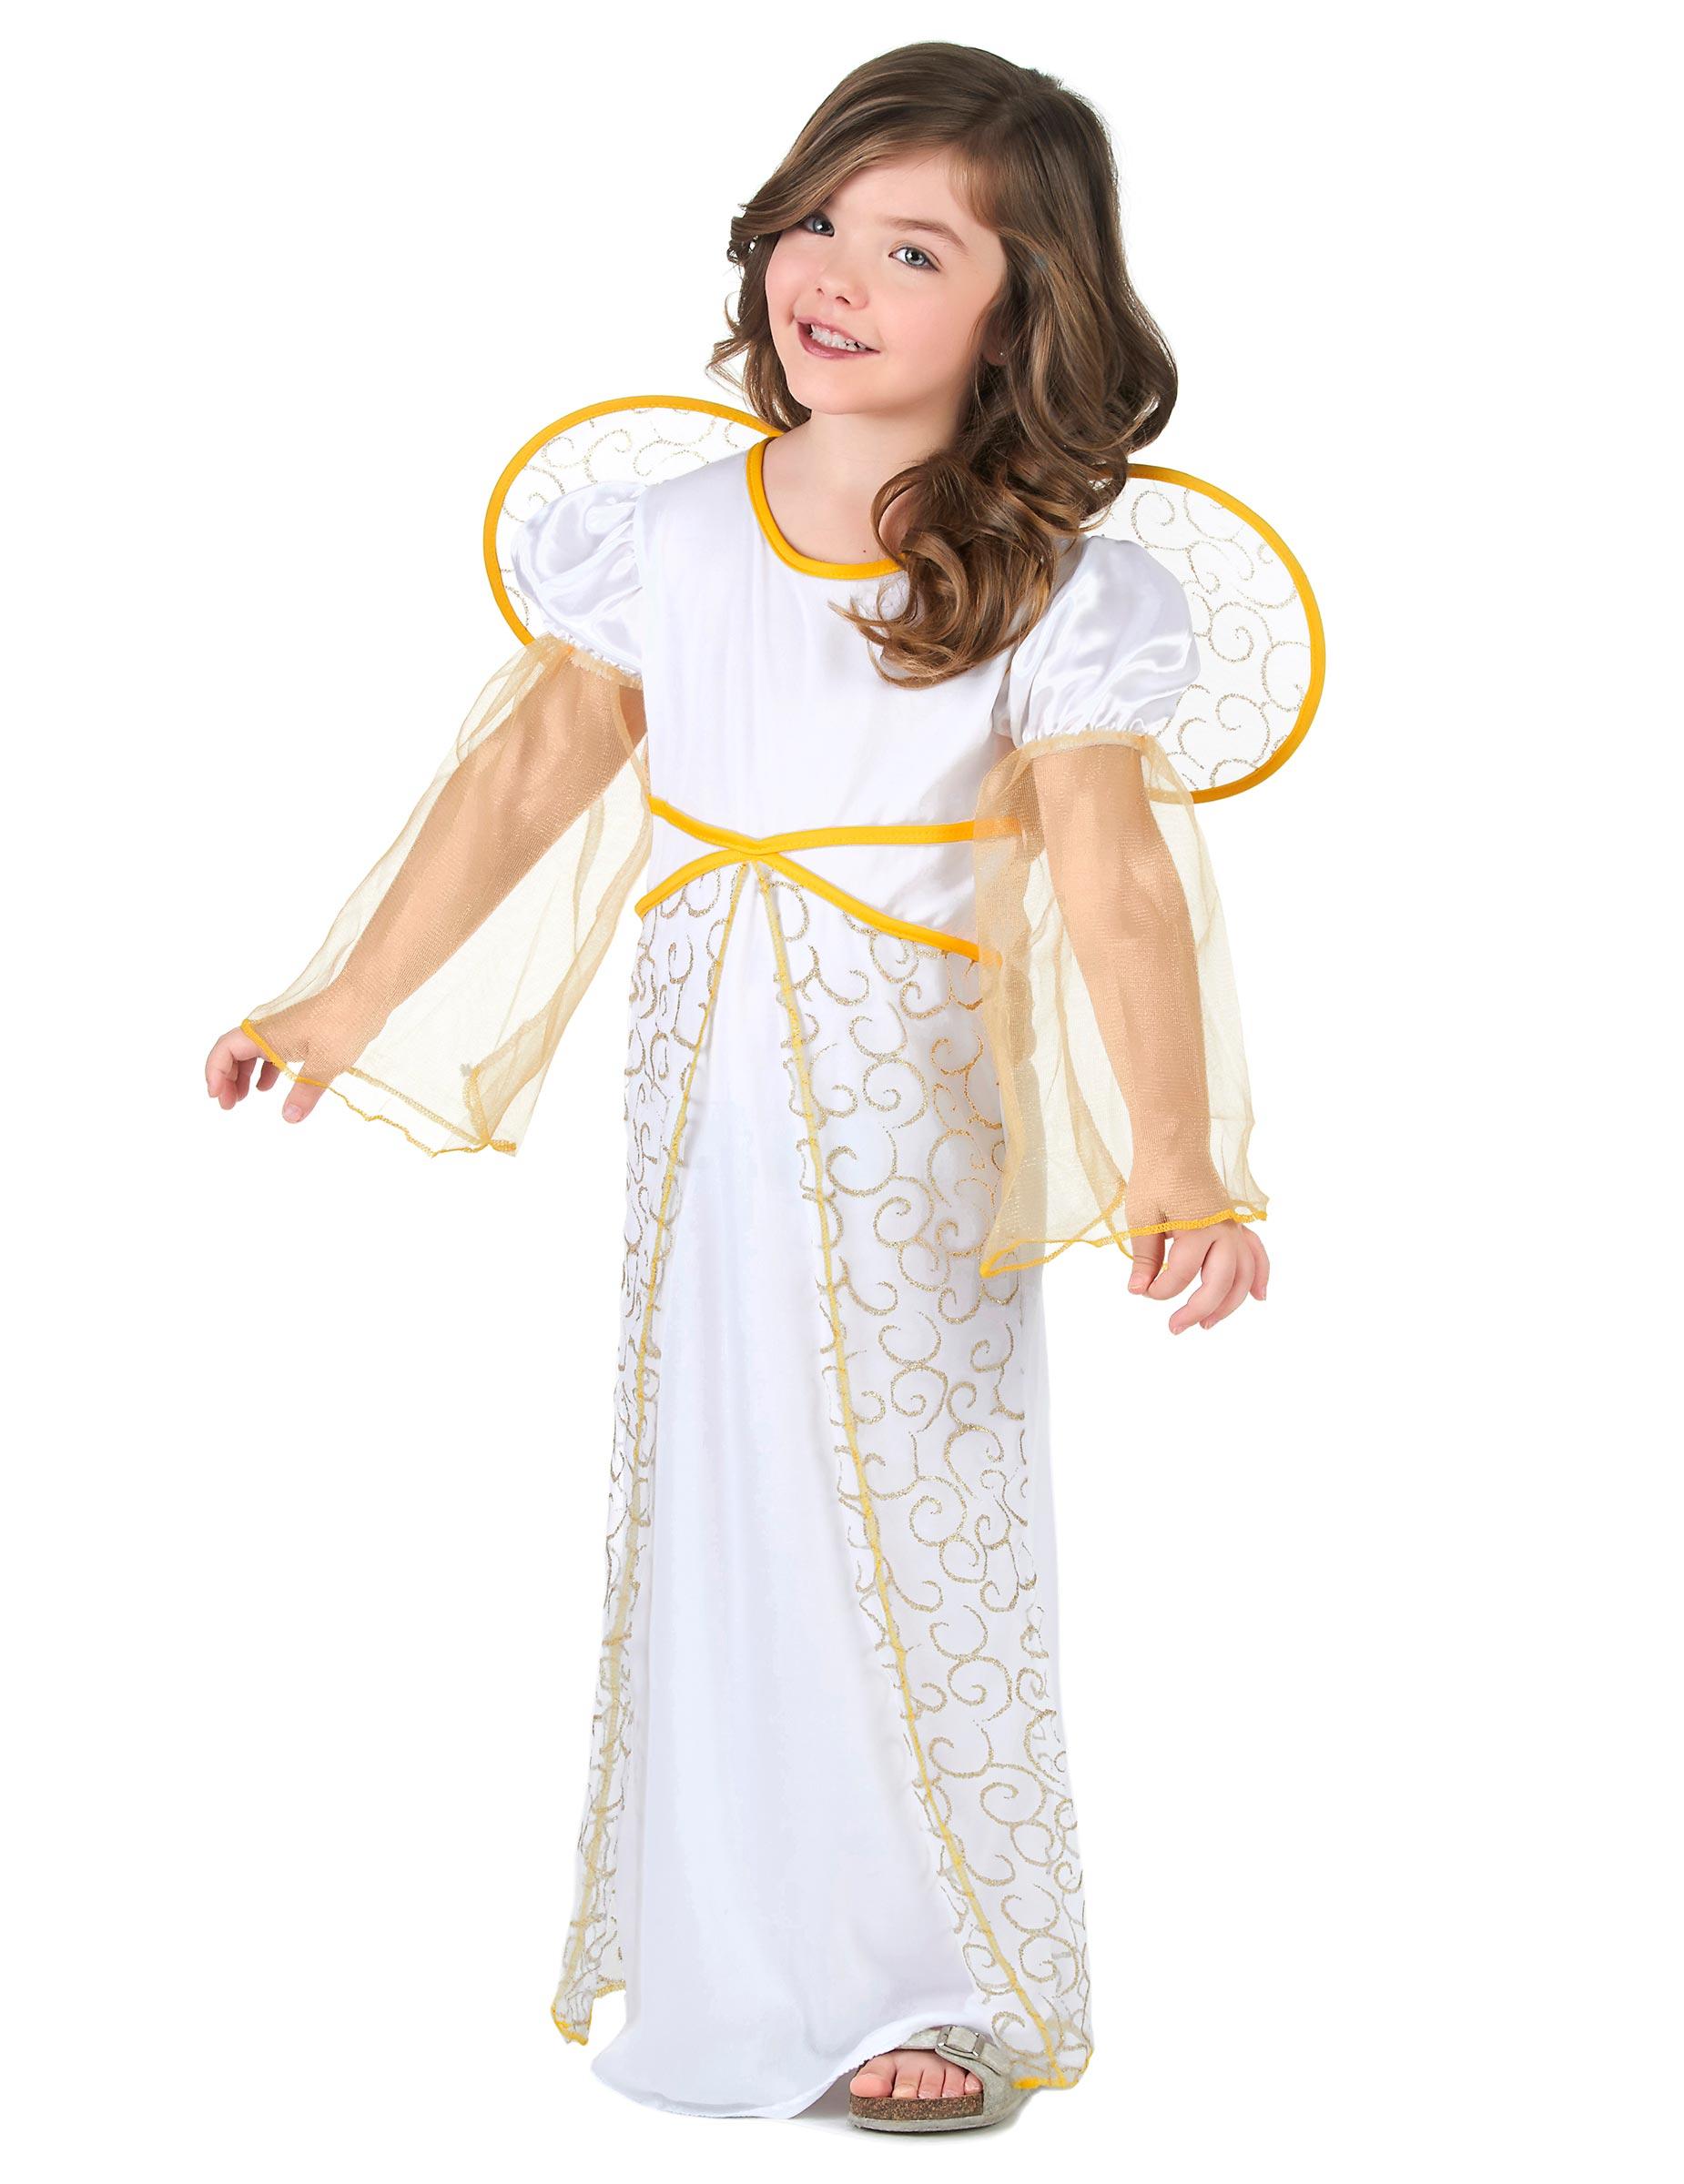 Disfraz de ngel nia Disfraces niosy disfraces originales